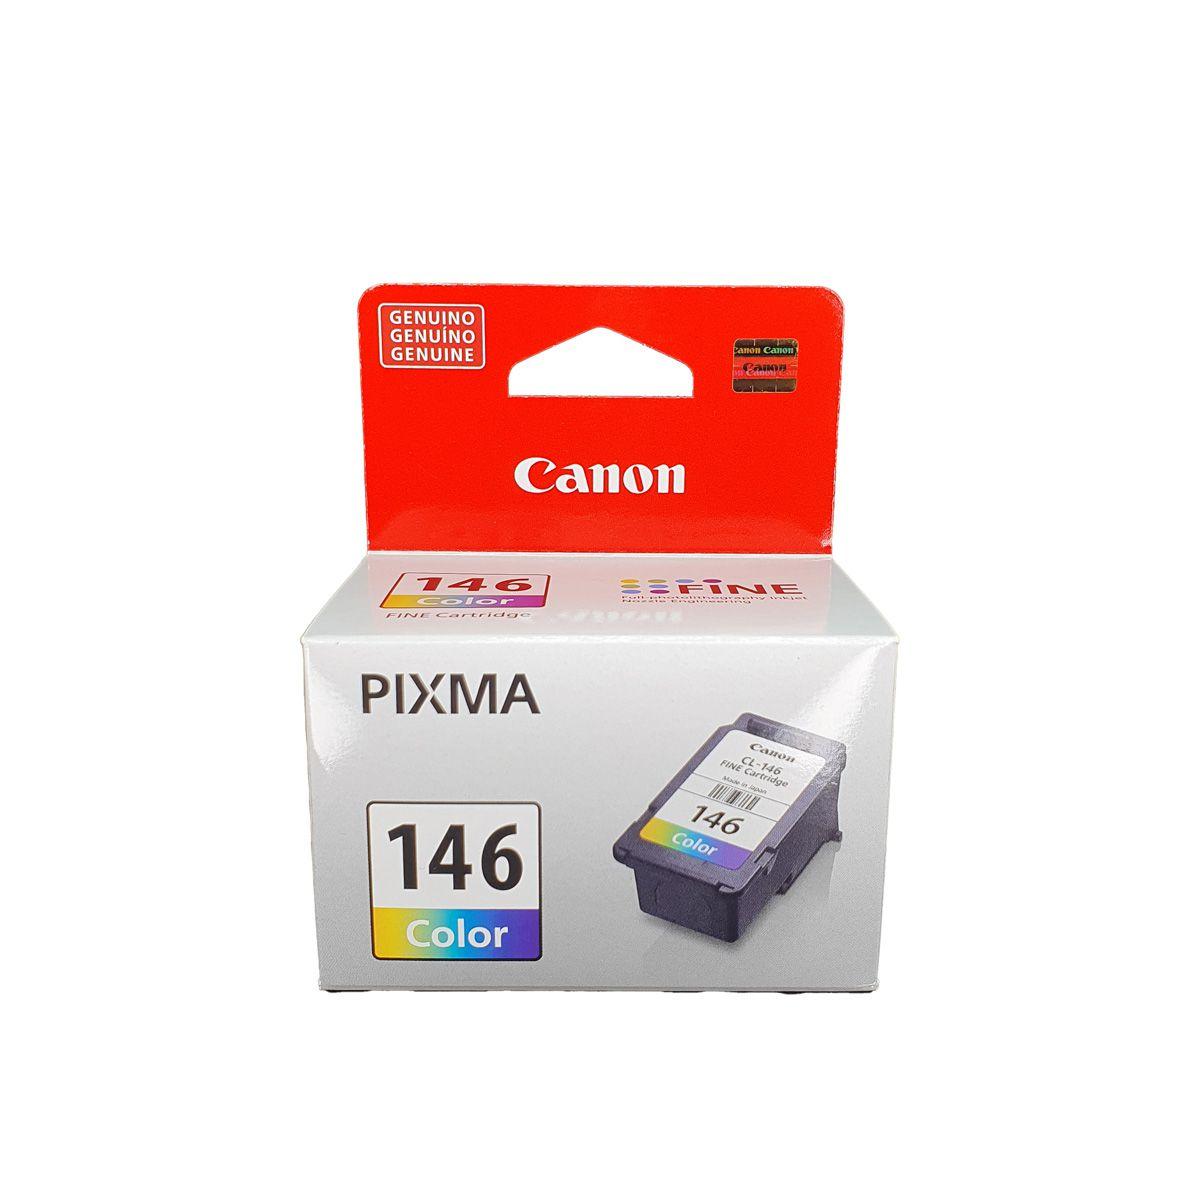 Cartucho Canon CL146 CL-146 Colorido para MG2110 MG3110 MG4110